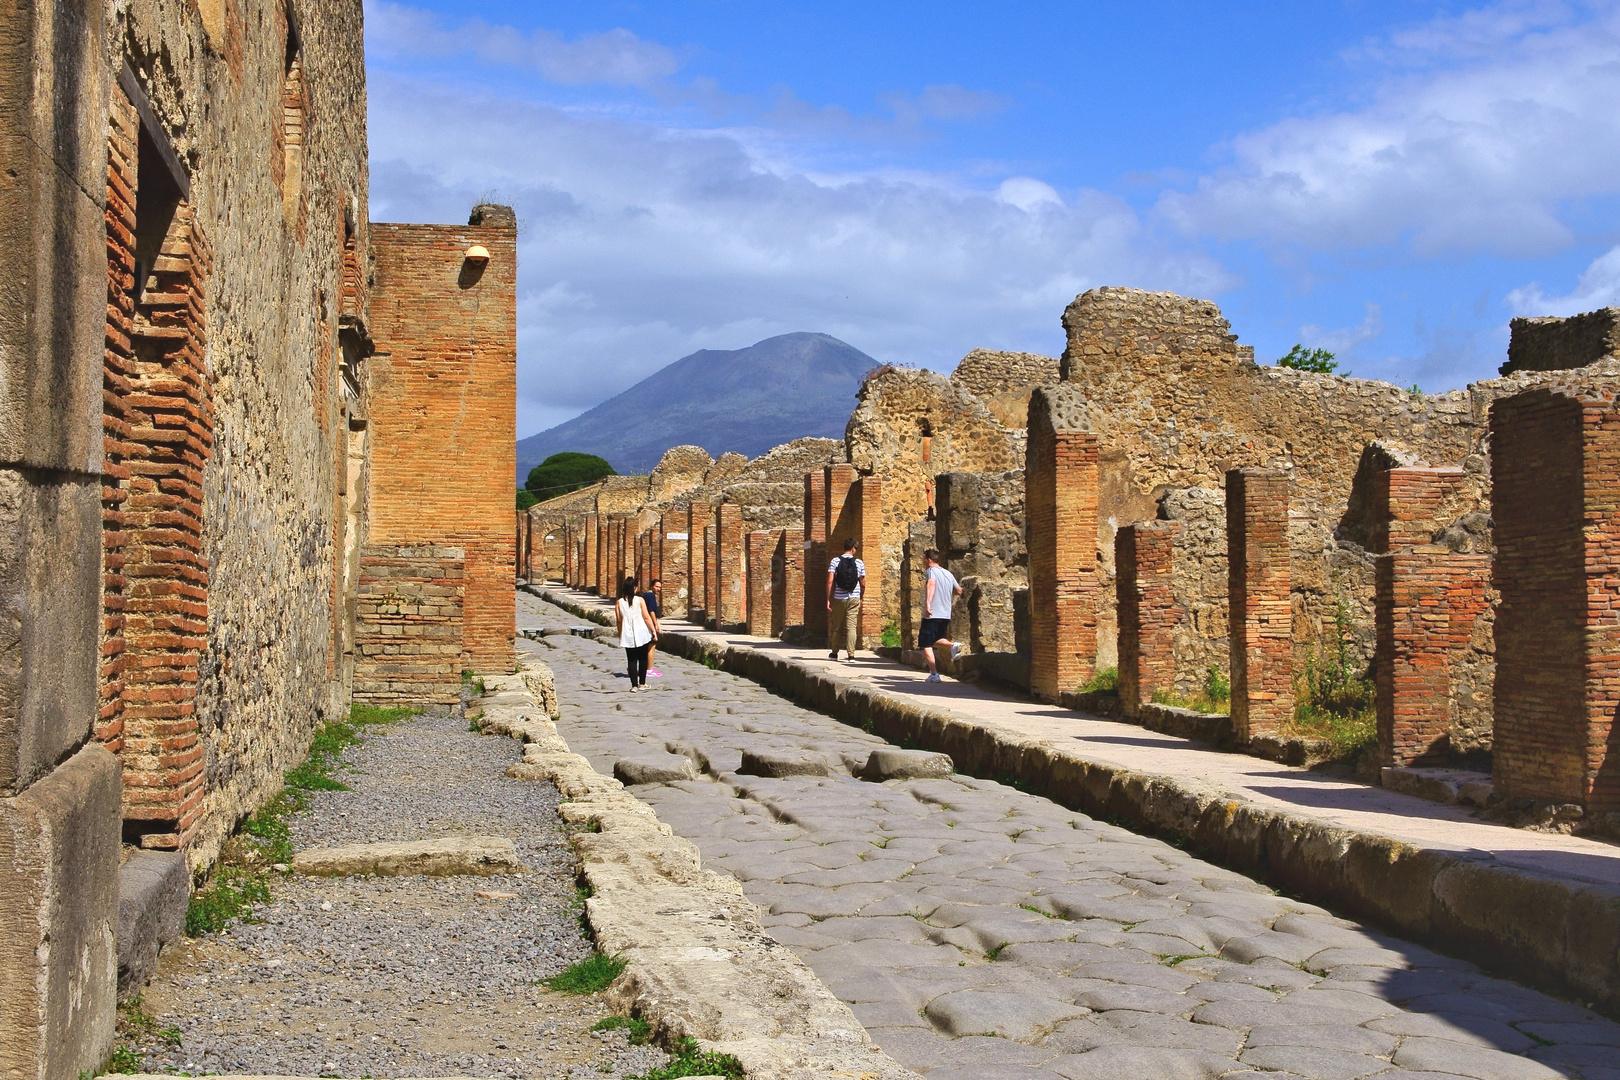 In den Straßen von Pompeji (bei Neapel) 3-3.